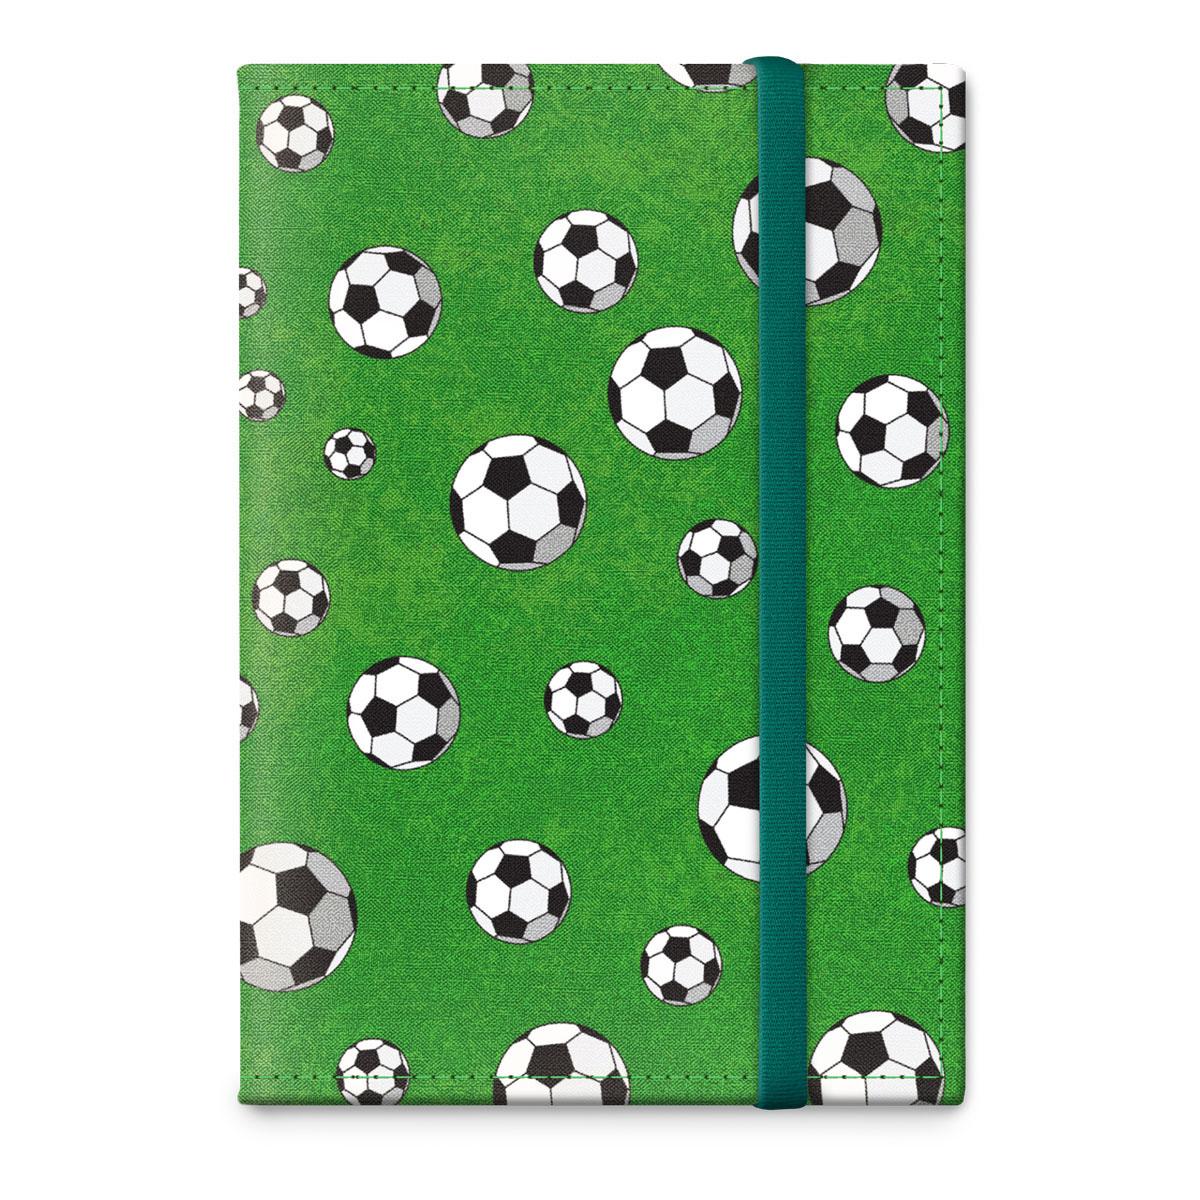 Обложка для паспорта ОРЗ-дизайн Футбол, цвет: зеленый, черный. Орз-0320Орз-0320Обложка на паспорт текстильная с авторским принтом